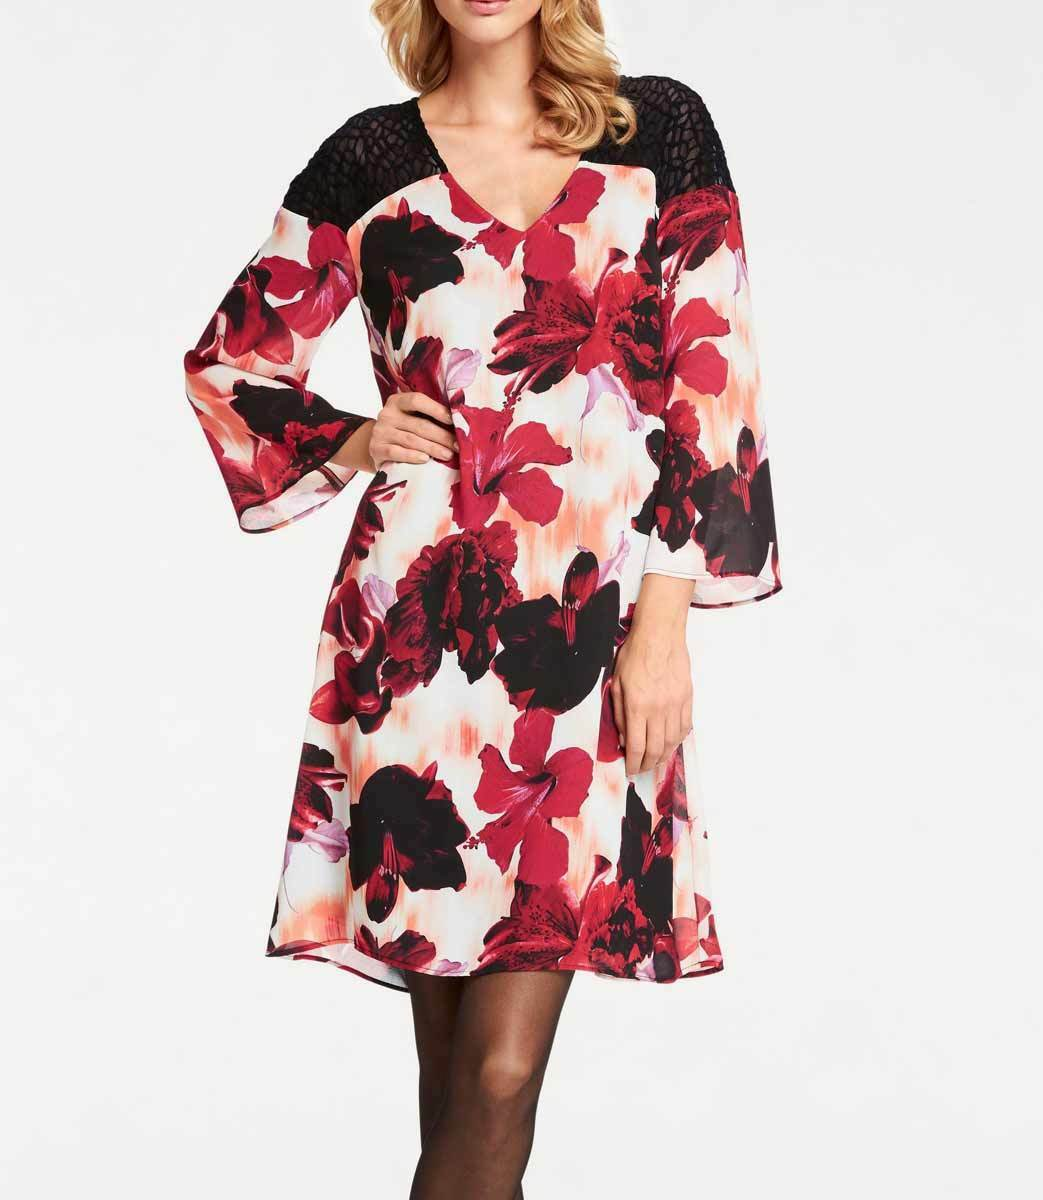 Ashley Brooke Designer Druckkleid m. Spitze bunt Gr 34 bis 42 Kleid Blaumen